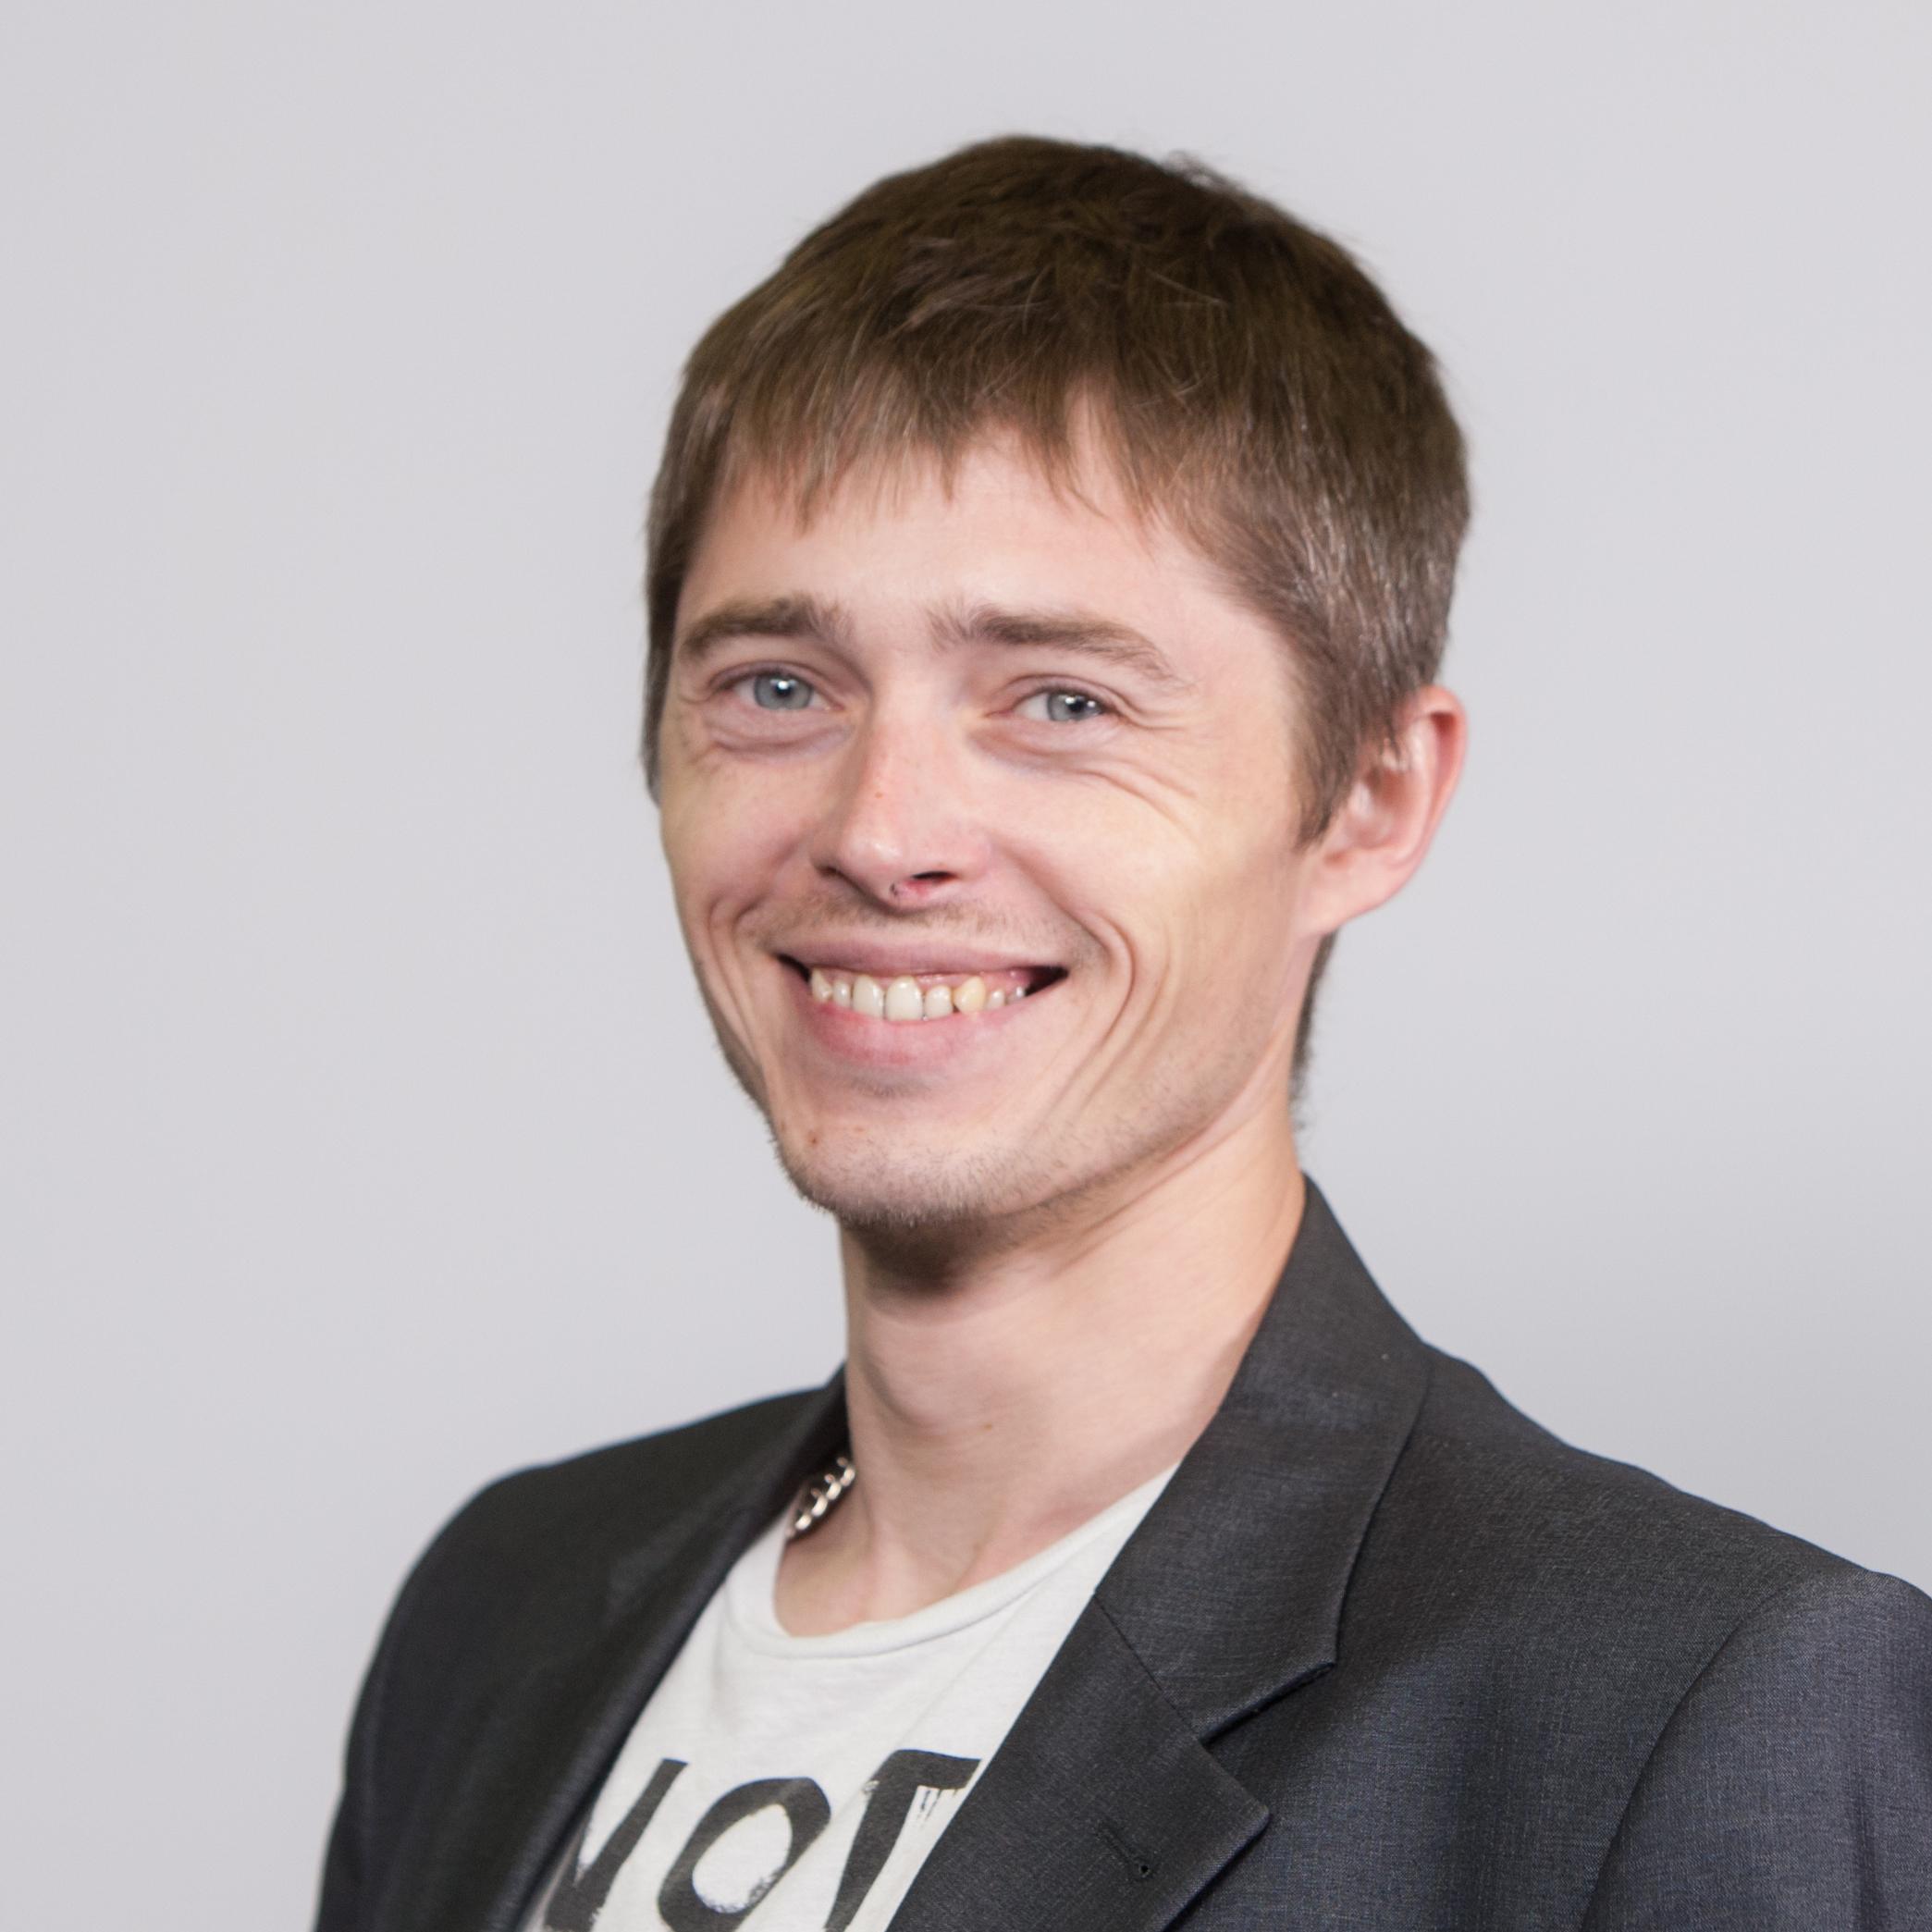 Совгиренко Игорь Андреевич